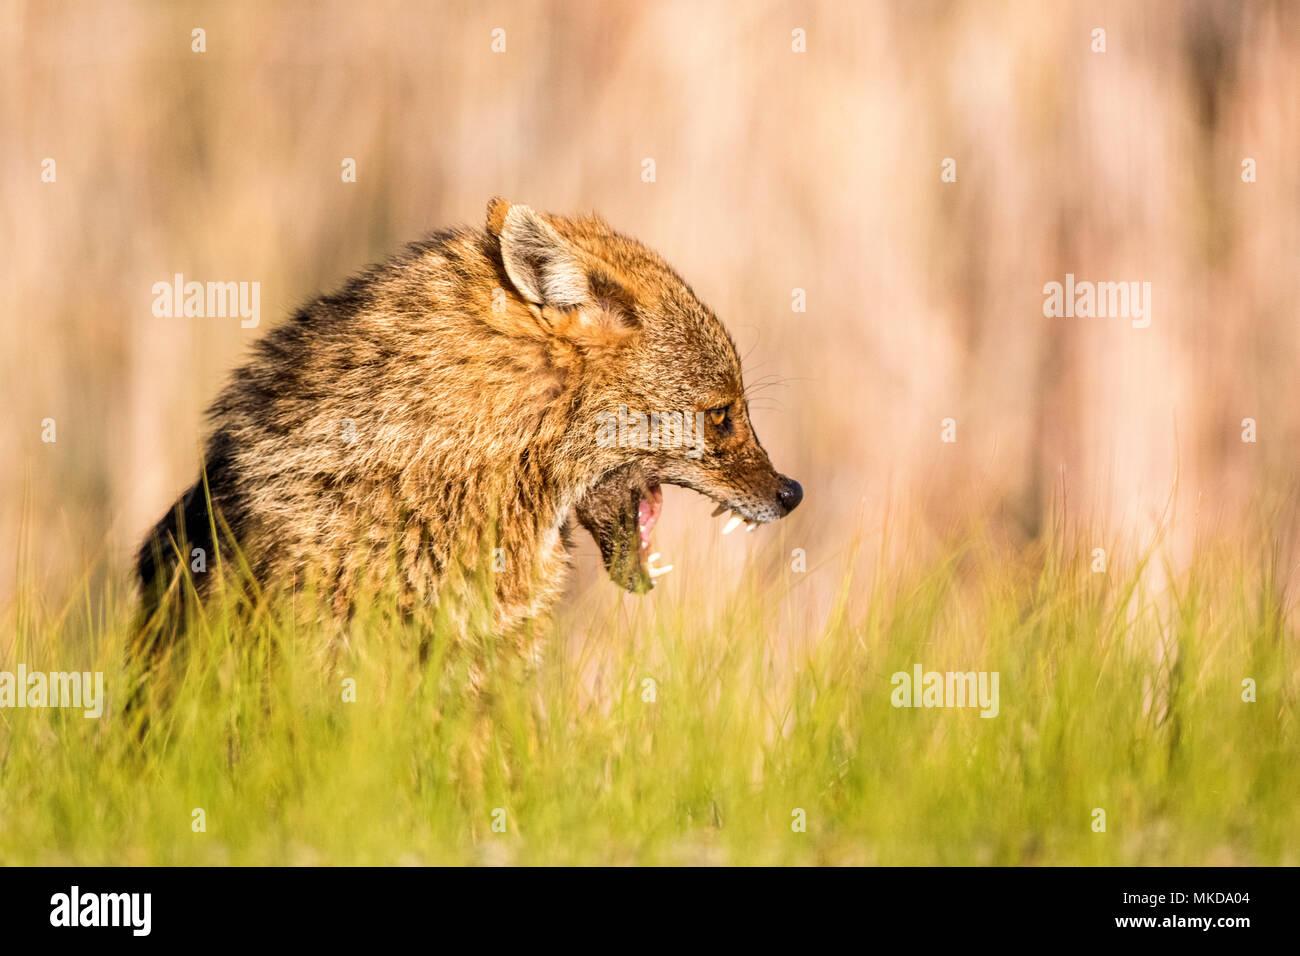 Unión chacal (Canis aureus moreoticus), el delta del Danubio, Rumania Foto de stock